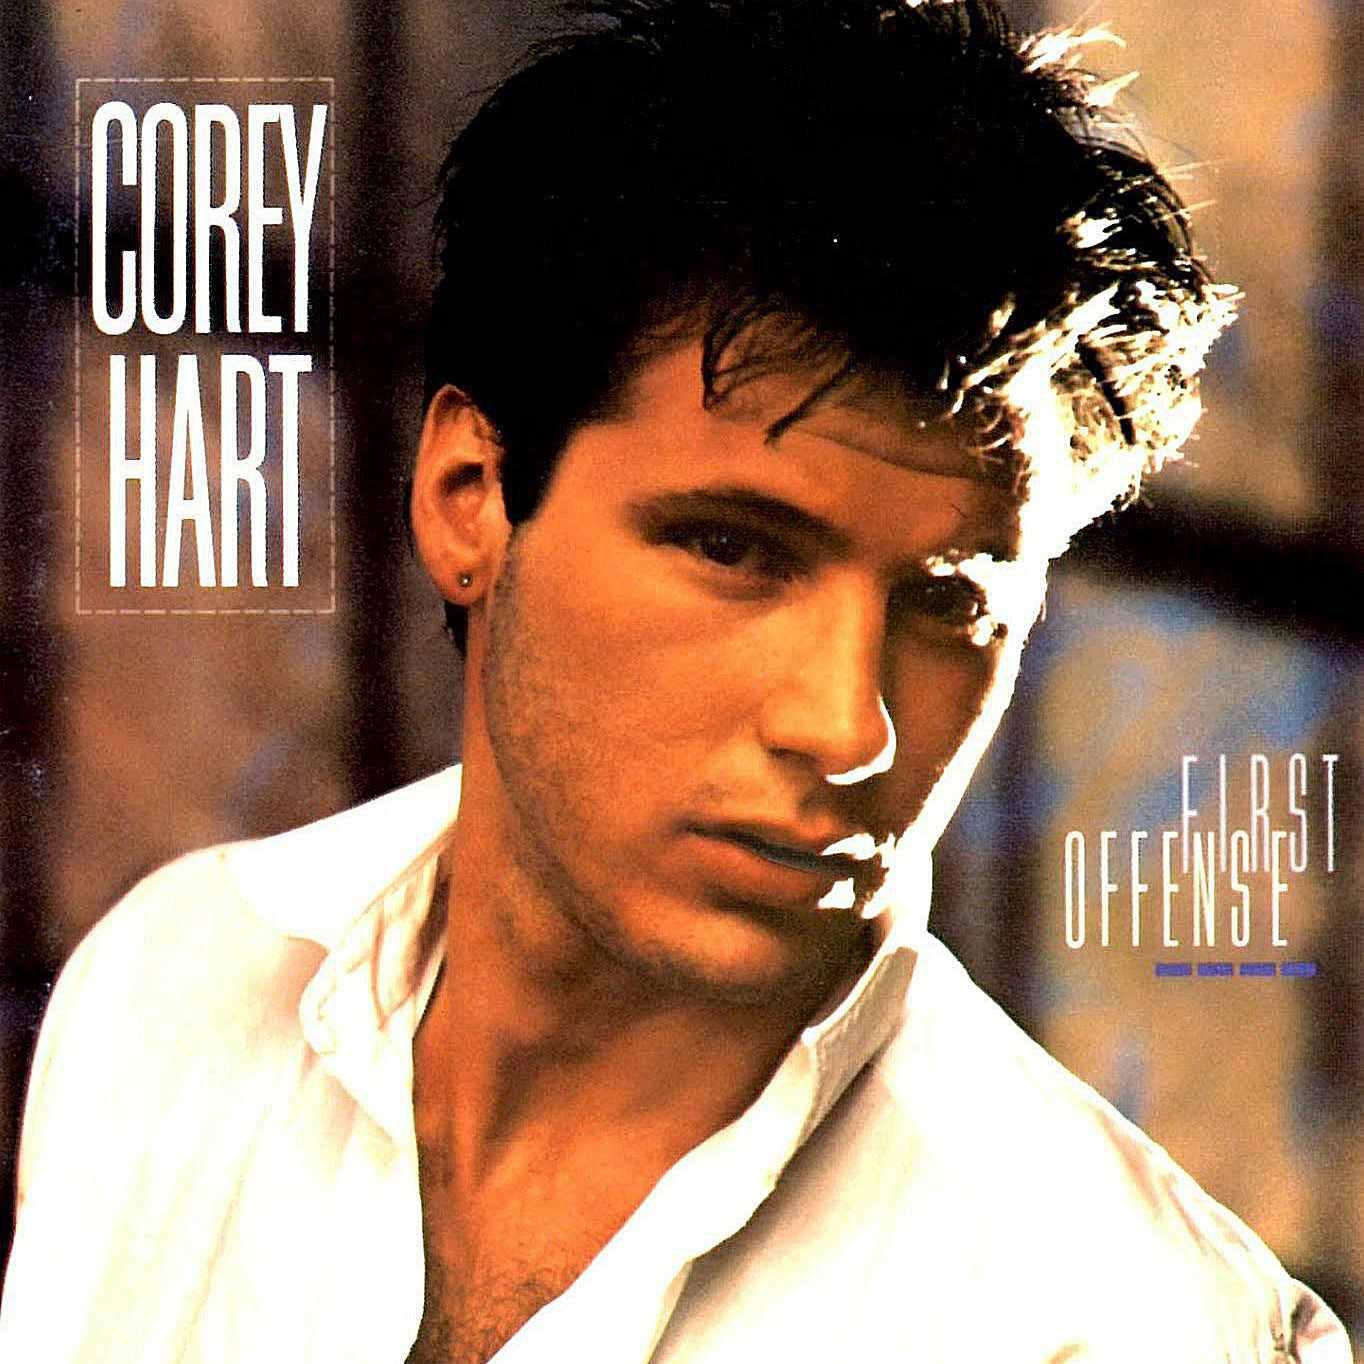 El solista canadiense Corey Hart fue un ídolo adolescente de los 80, pero también construyó una sólida década de trabajo como cantante y compositor.